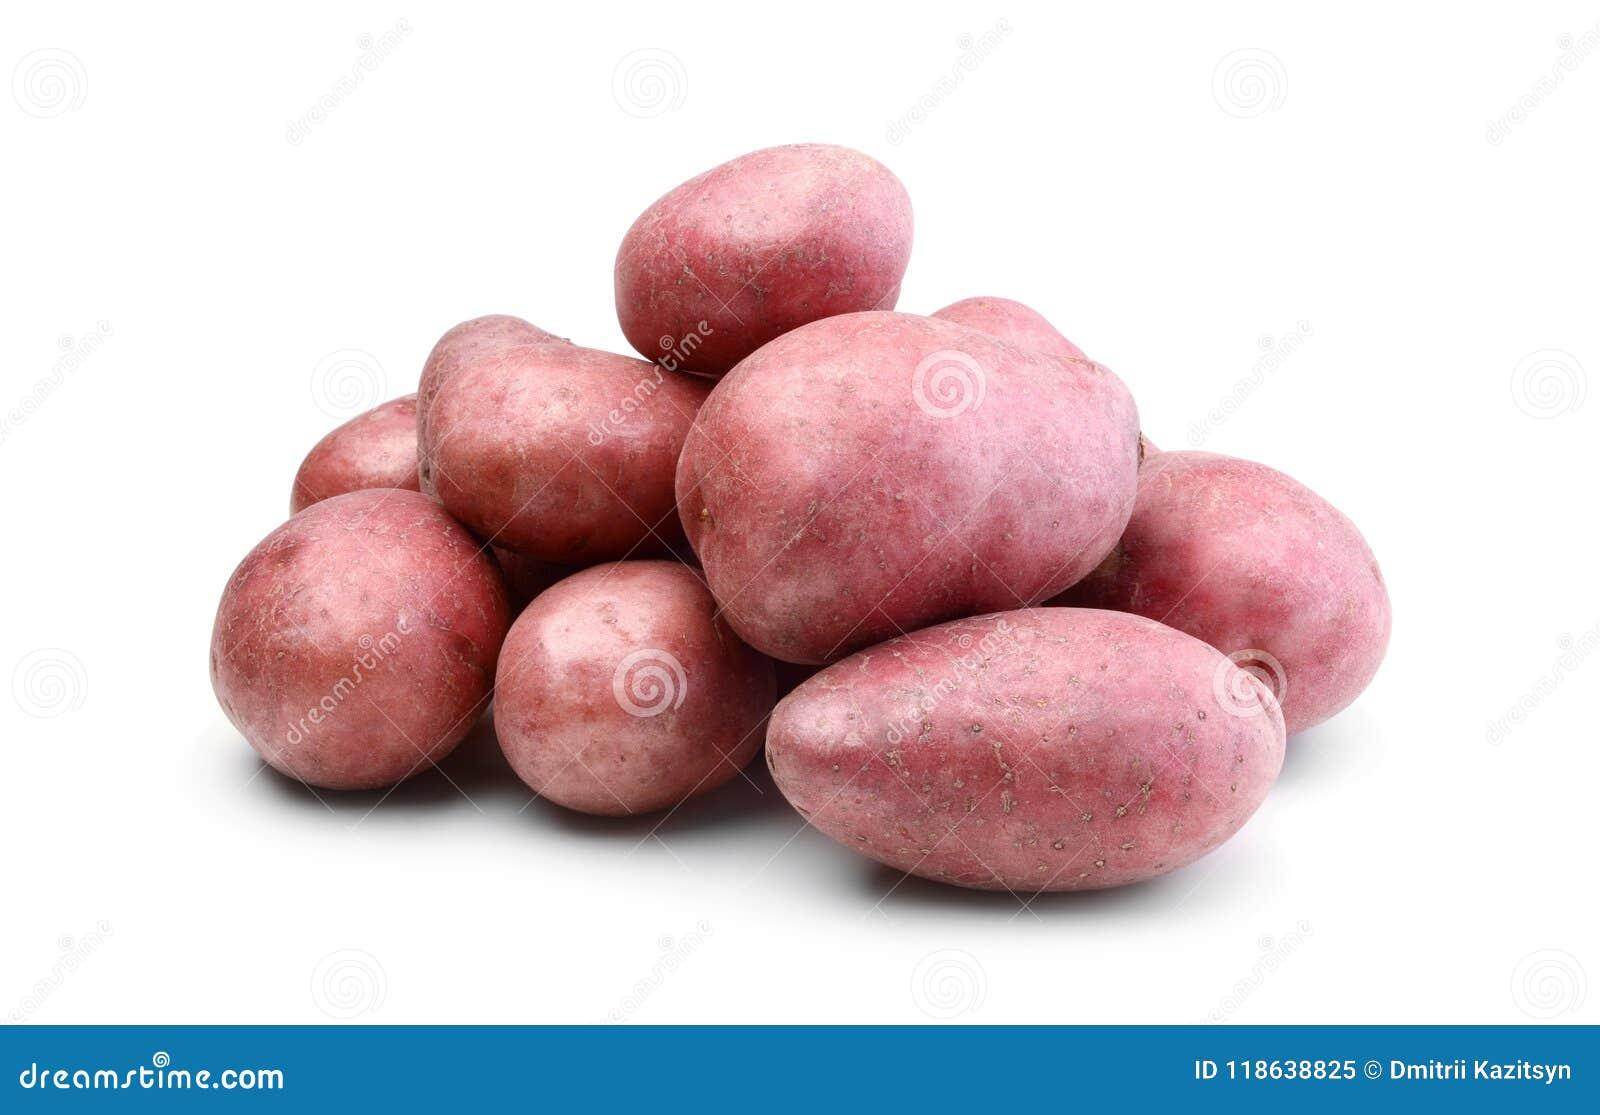 Odosobnione ziemniaków palowe białe